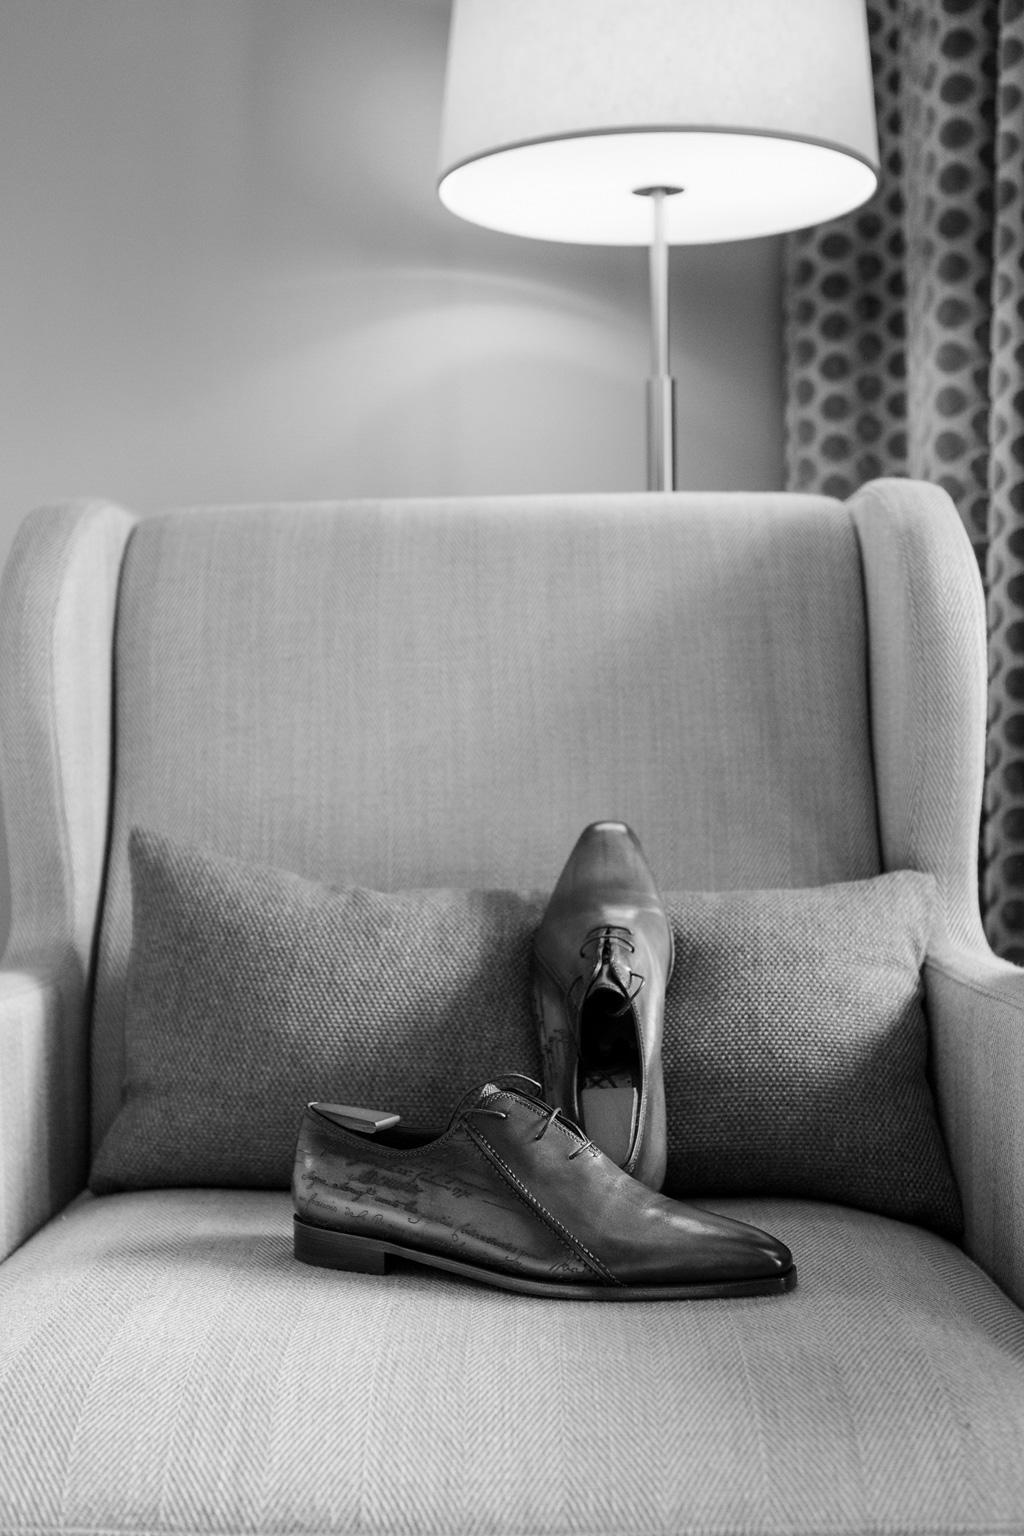 Le scarpe dello sposo sono in mostra sul divano